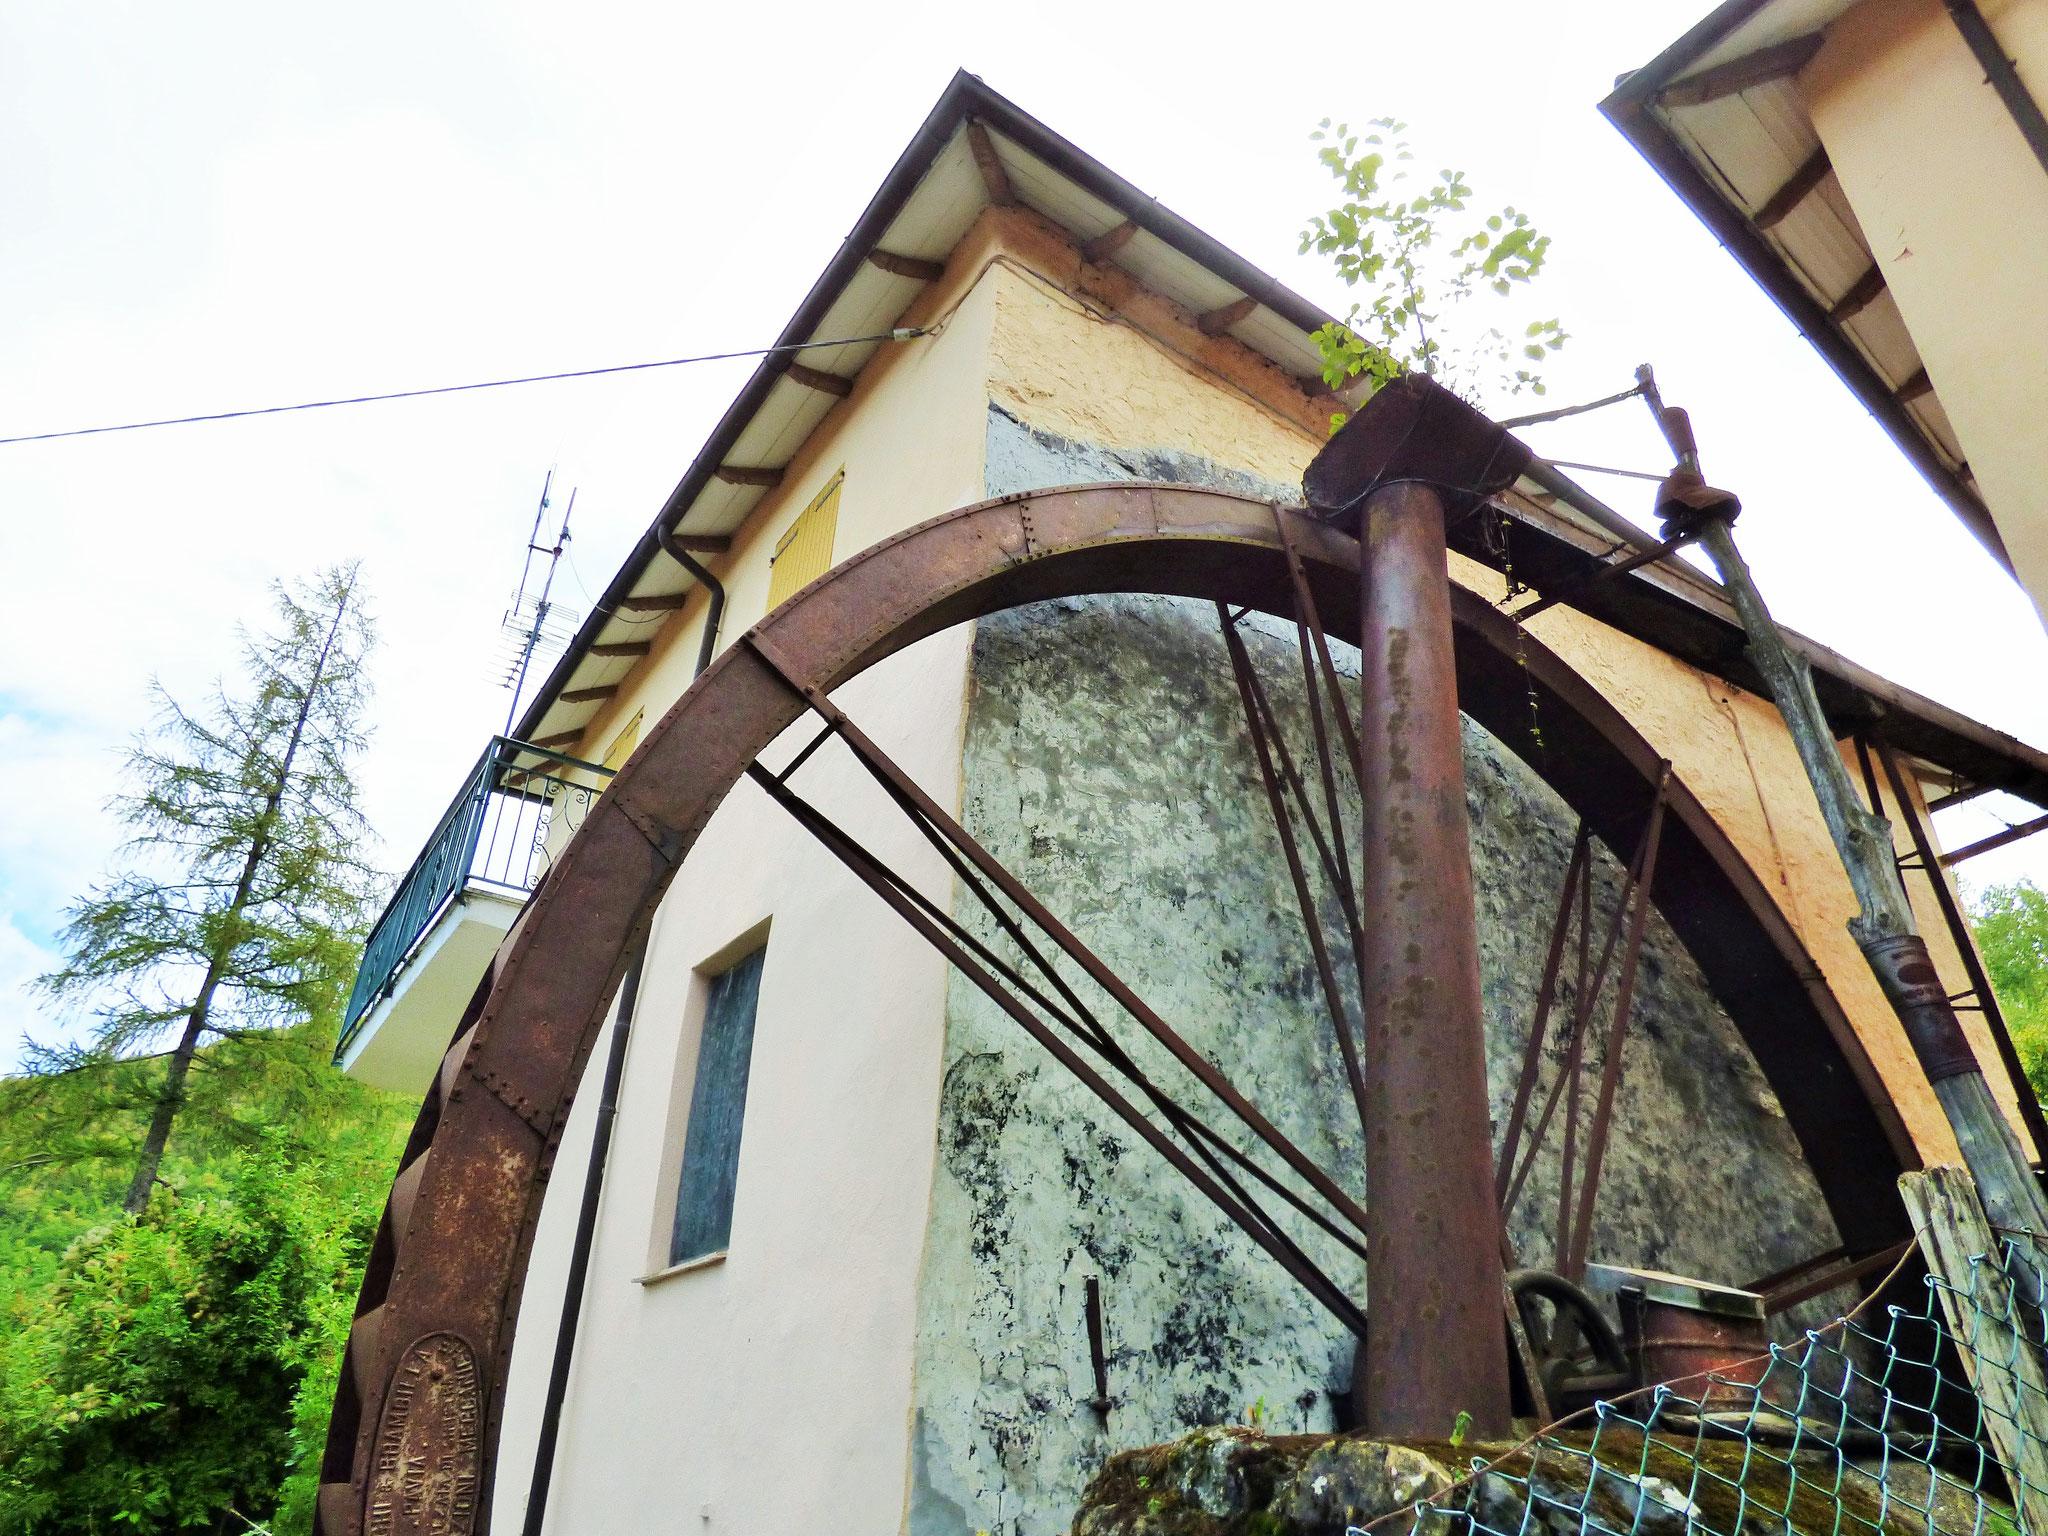 gli artigiani creativi di ArTre Artigiani Creativi Val Trebbia a Cerignale città dell'acqua 18 settembre 2016 Mostra Mercato dell'artigianato Locale con Laboratori